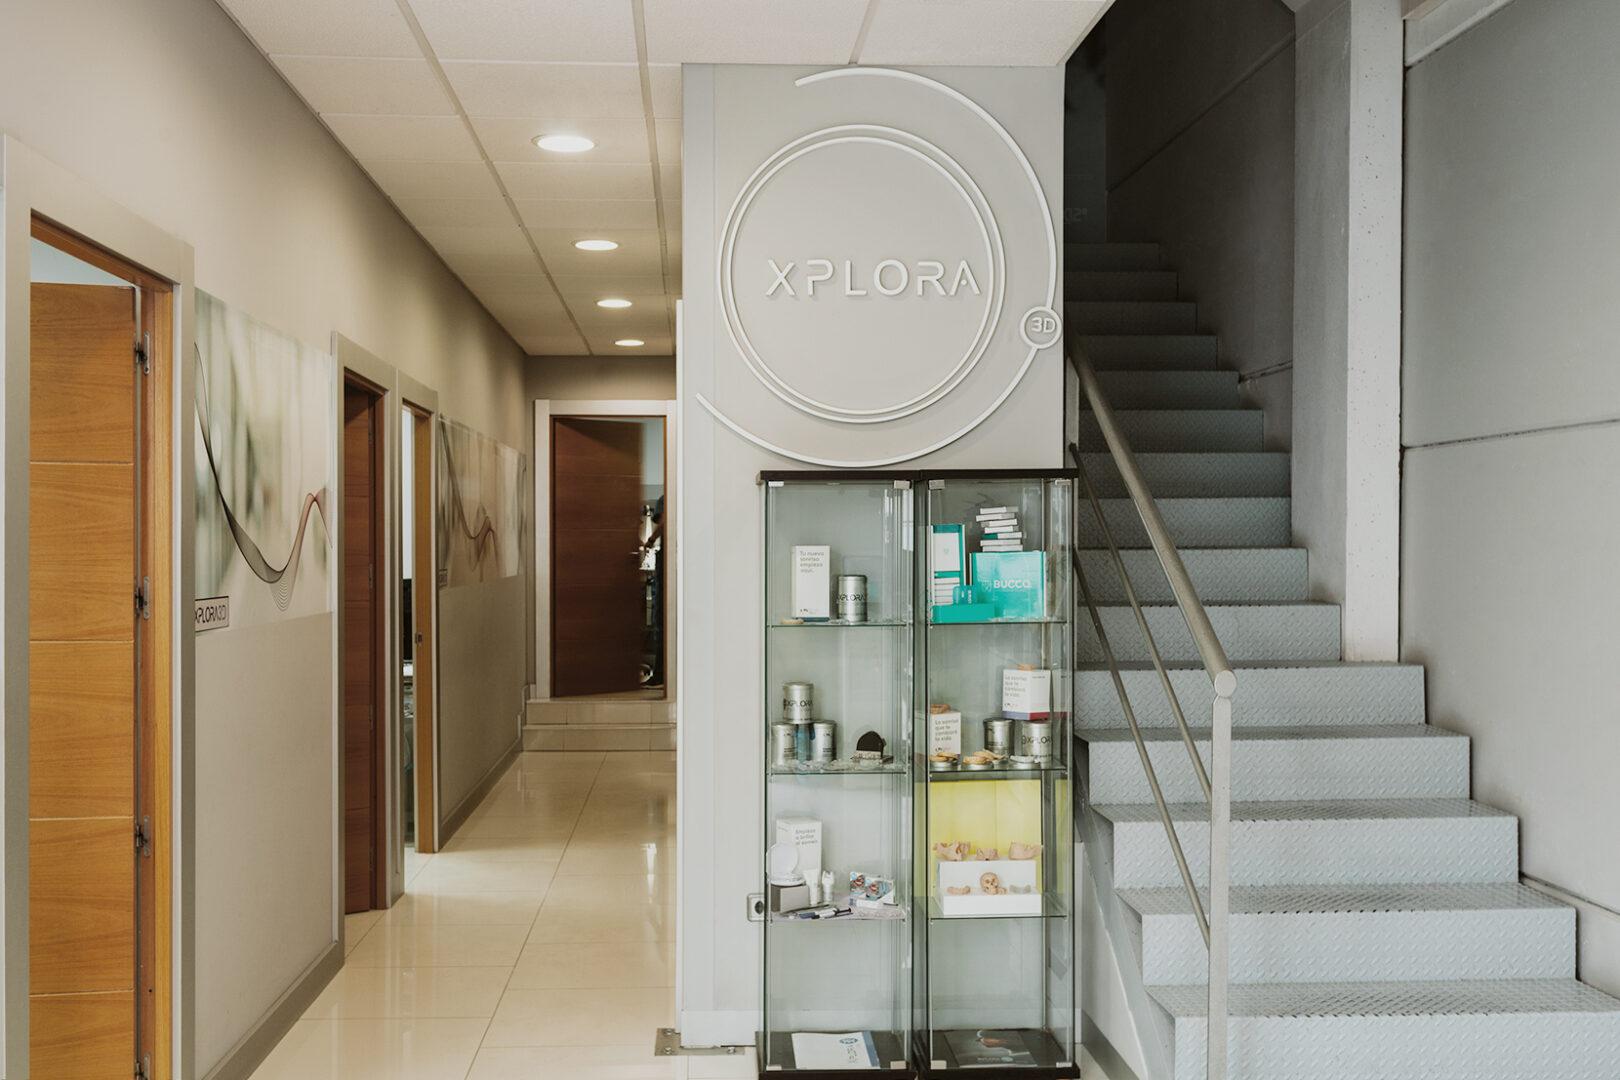 fotograifa-interiorismo-oficinas-xplora-laboratorios-madrid-arquitectura